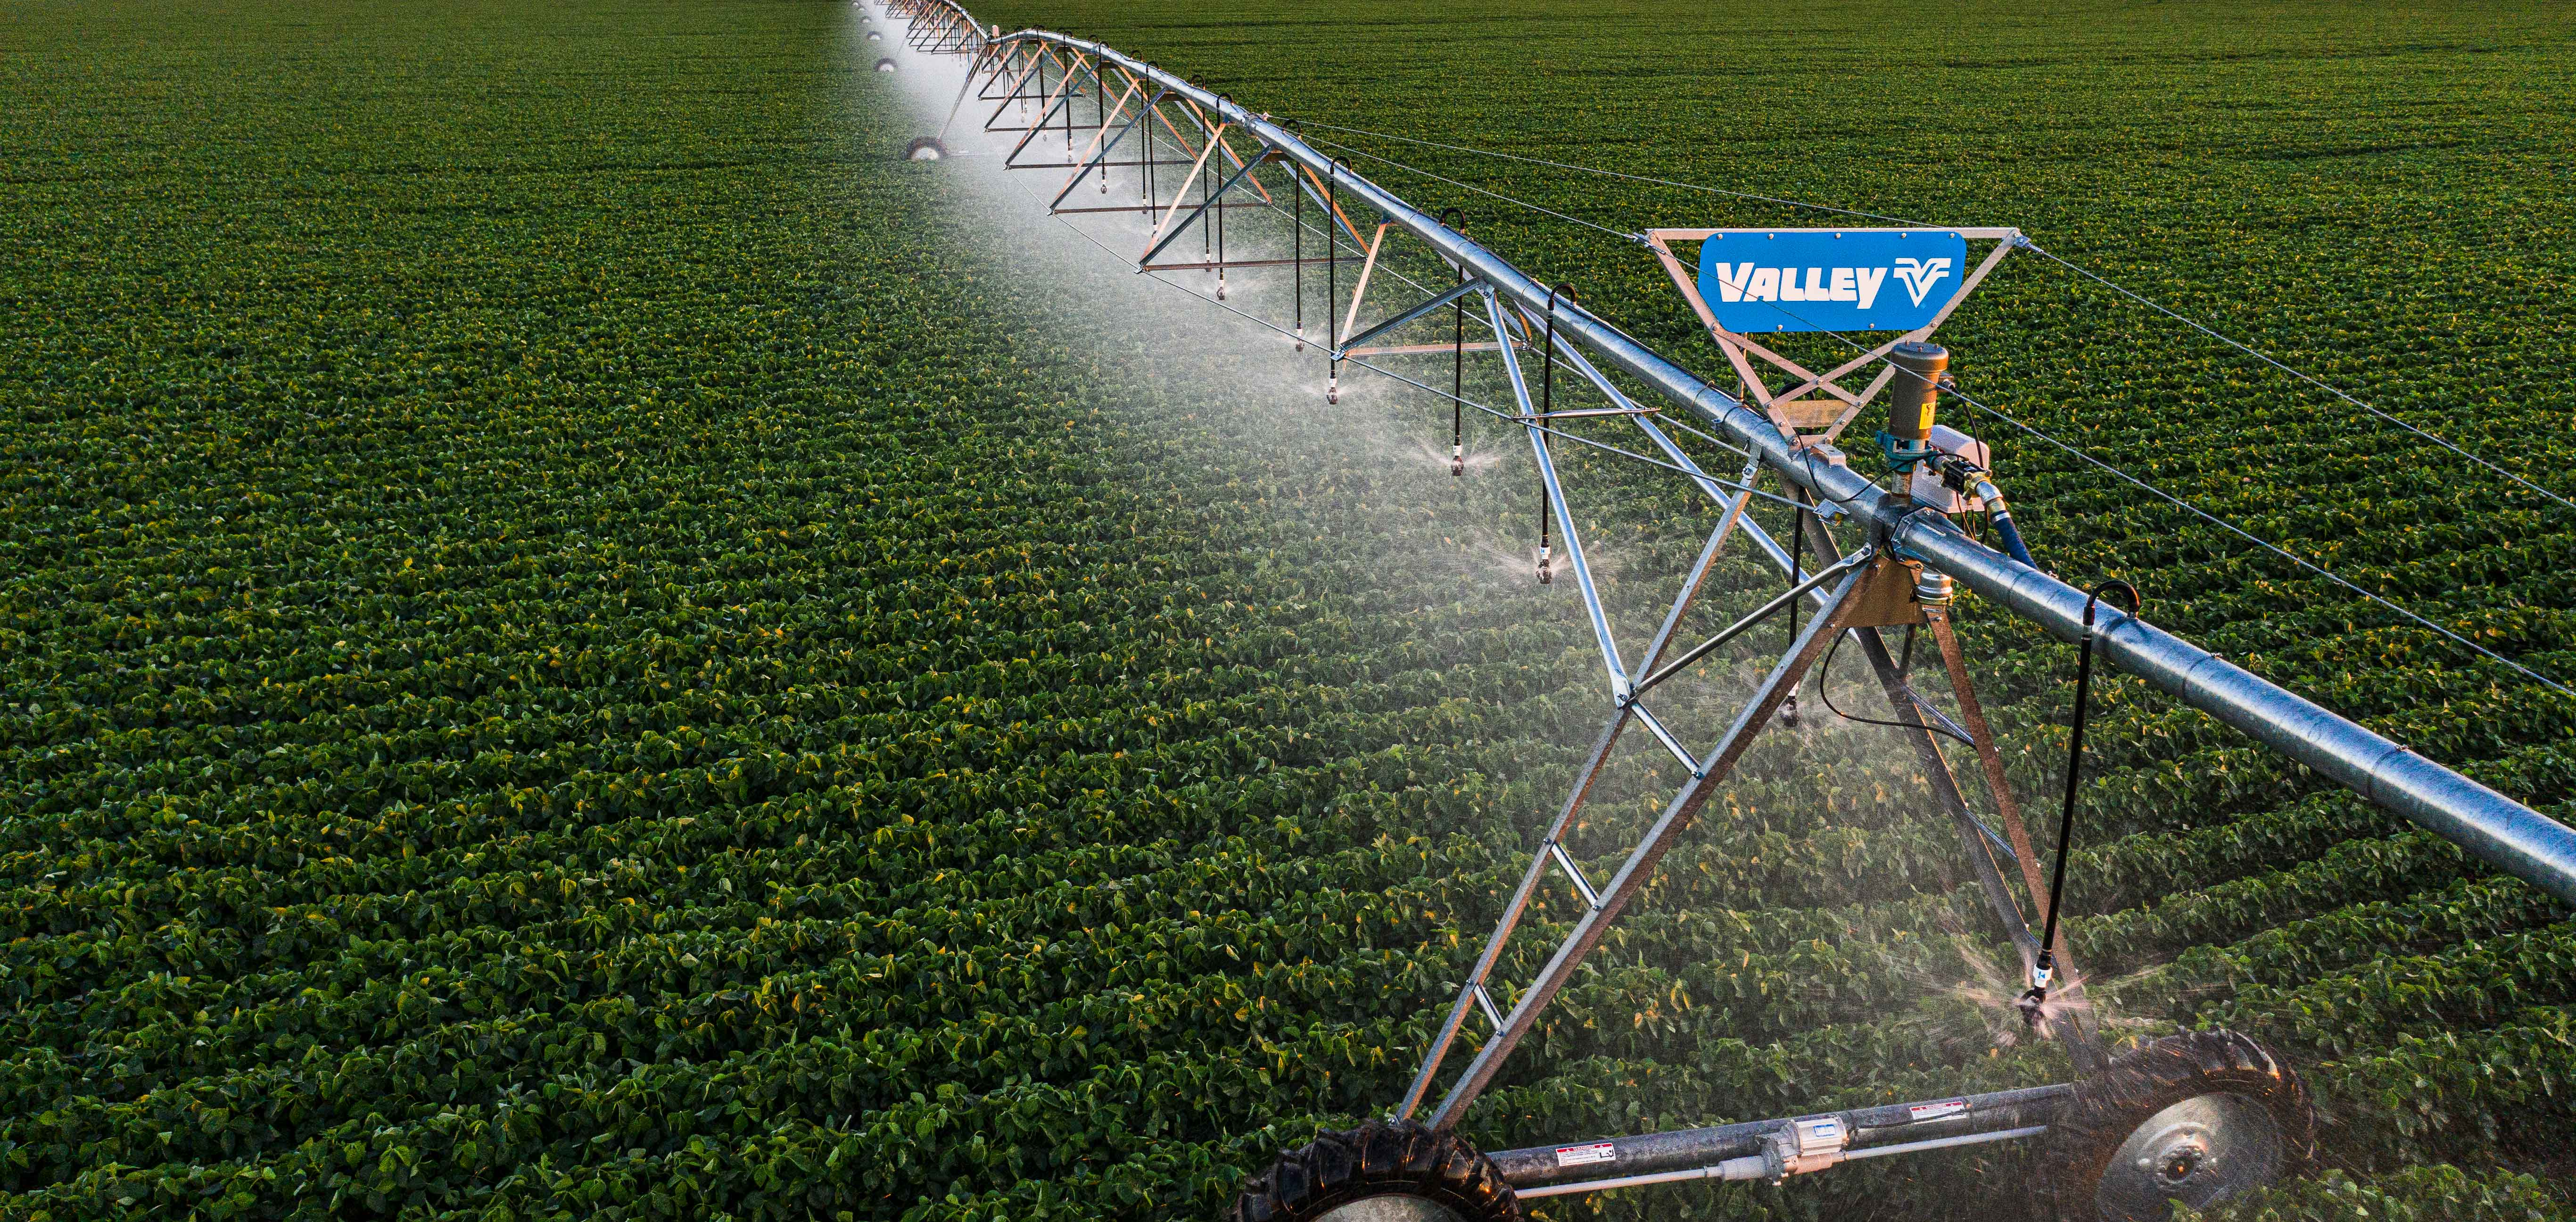 2021 valley upgrade program